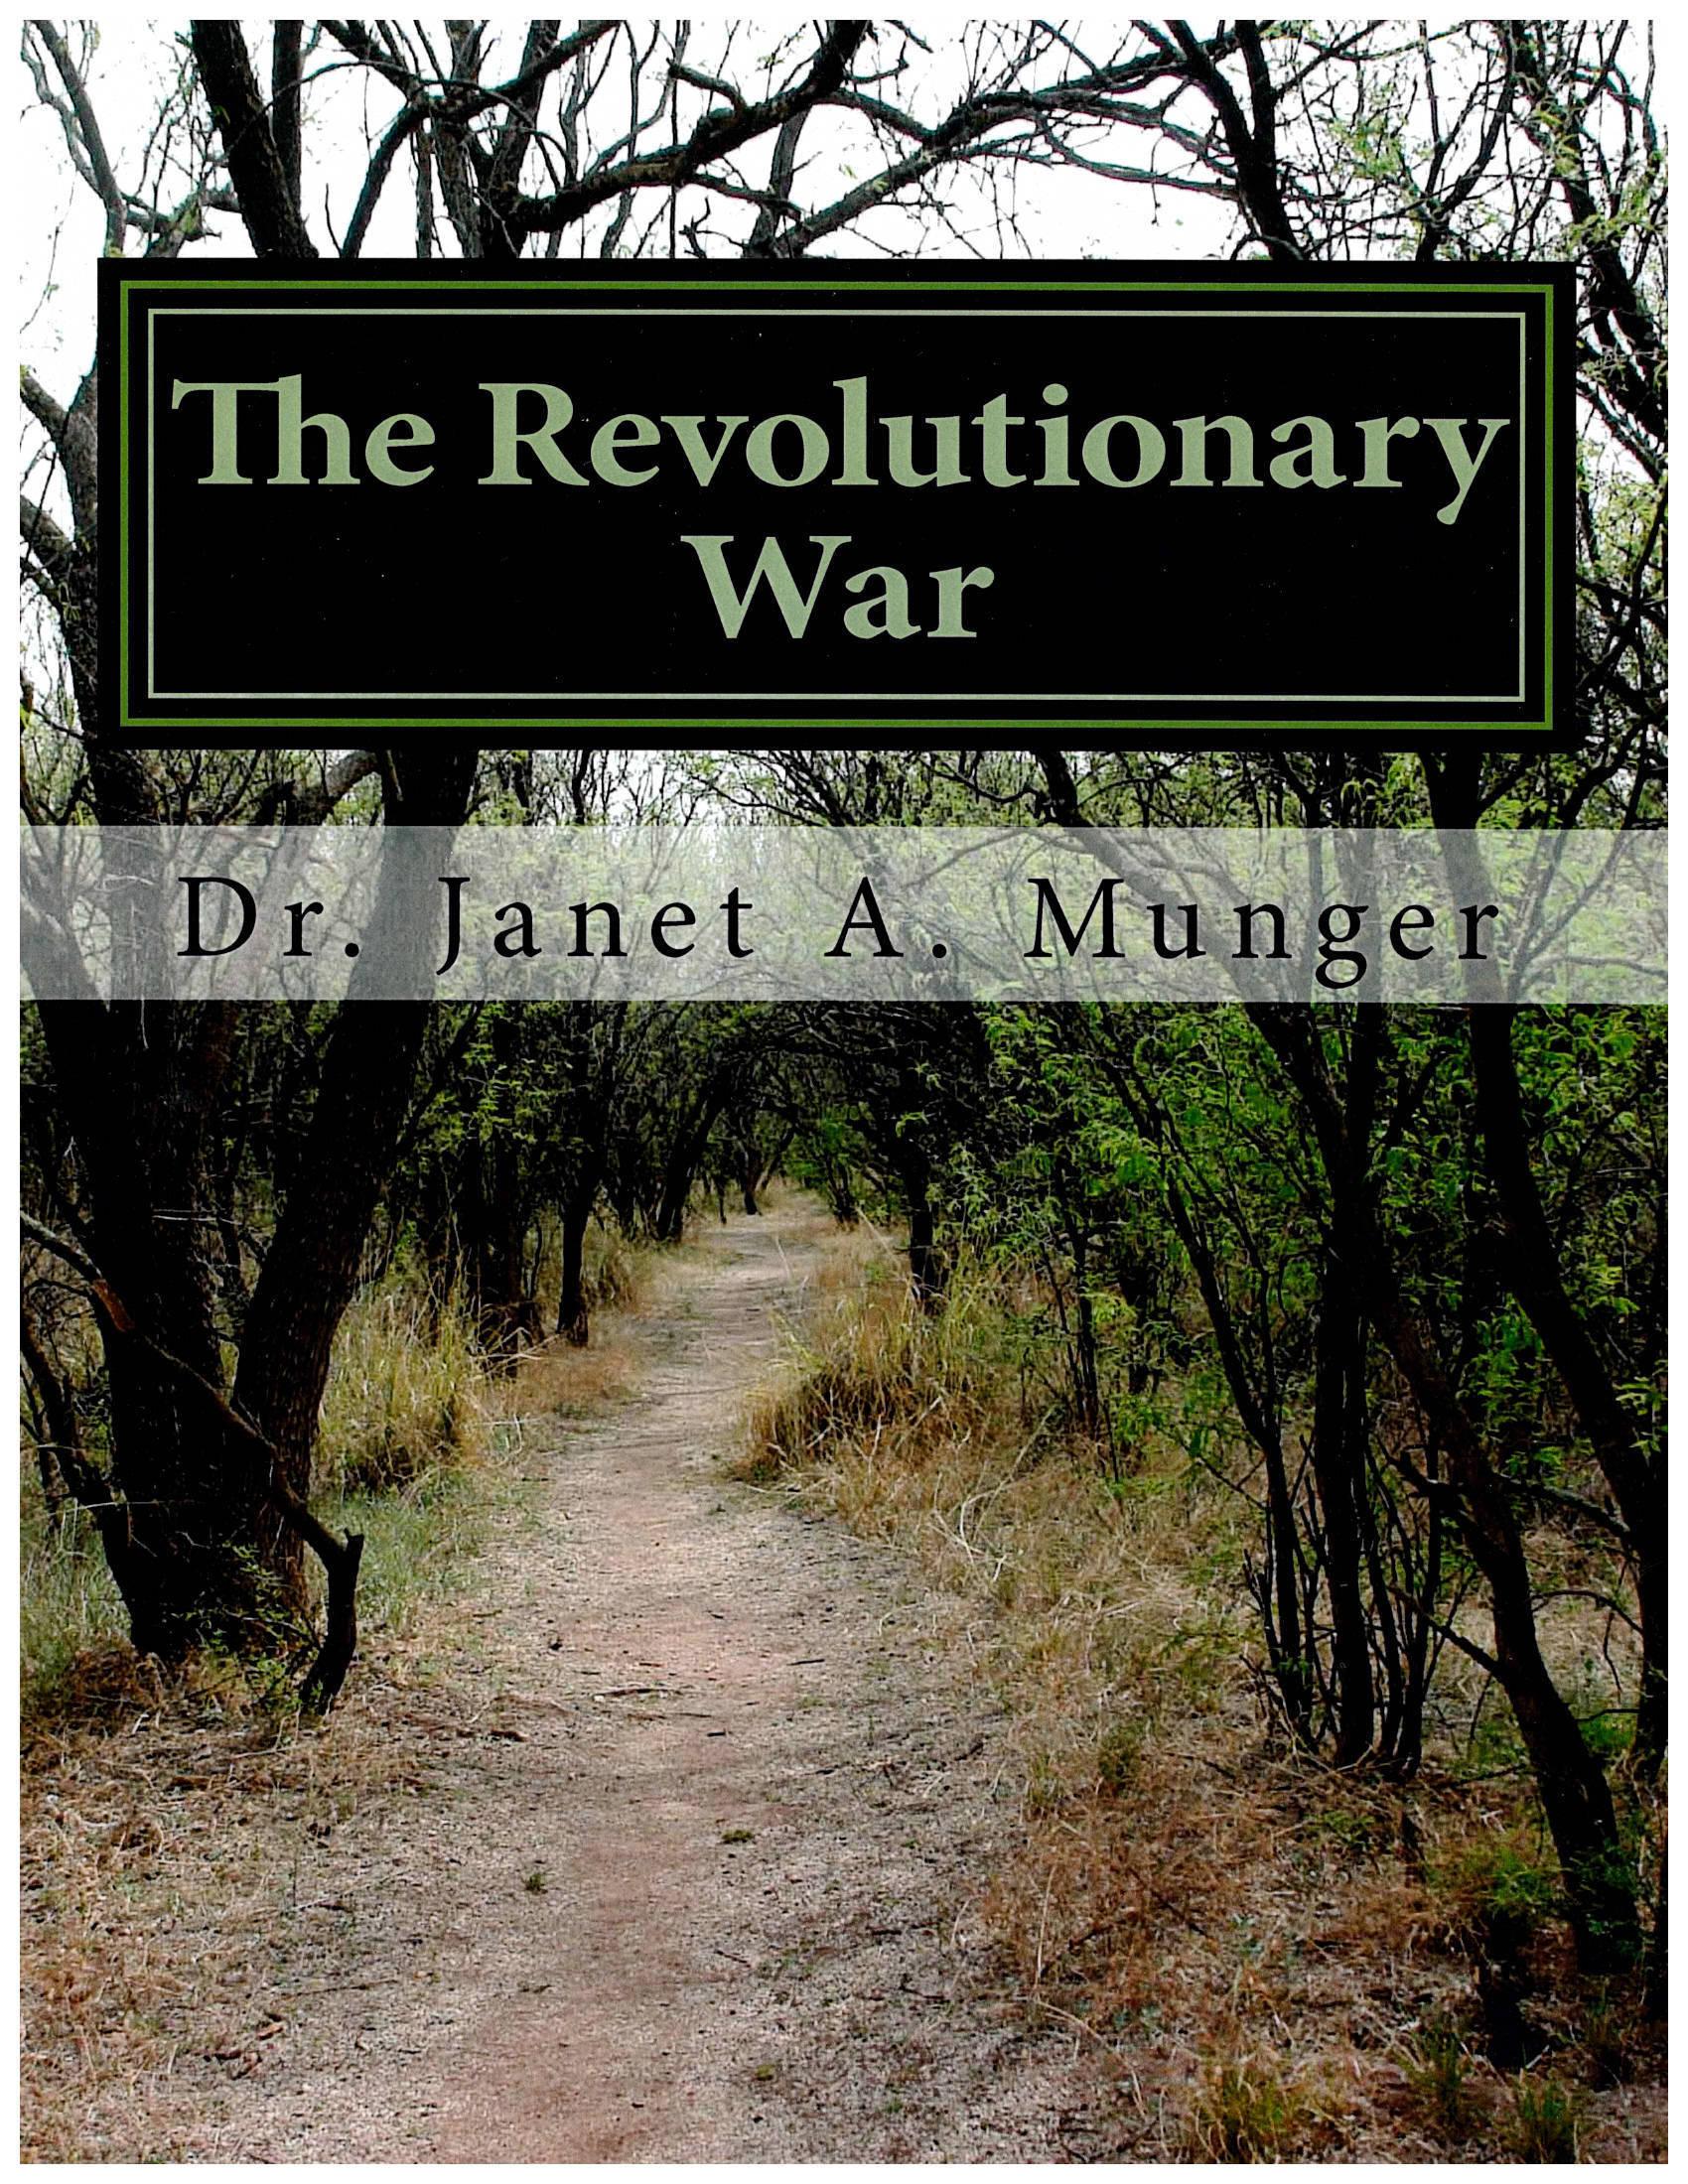 ab66e4af6347bf78612e_Facebook_JPG_The_Revolutionary_War_Cover_01-17-17.jpg